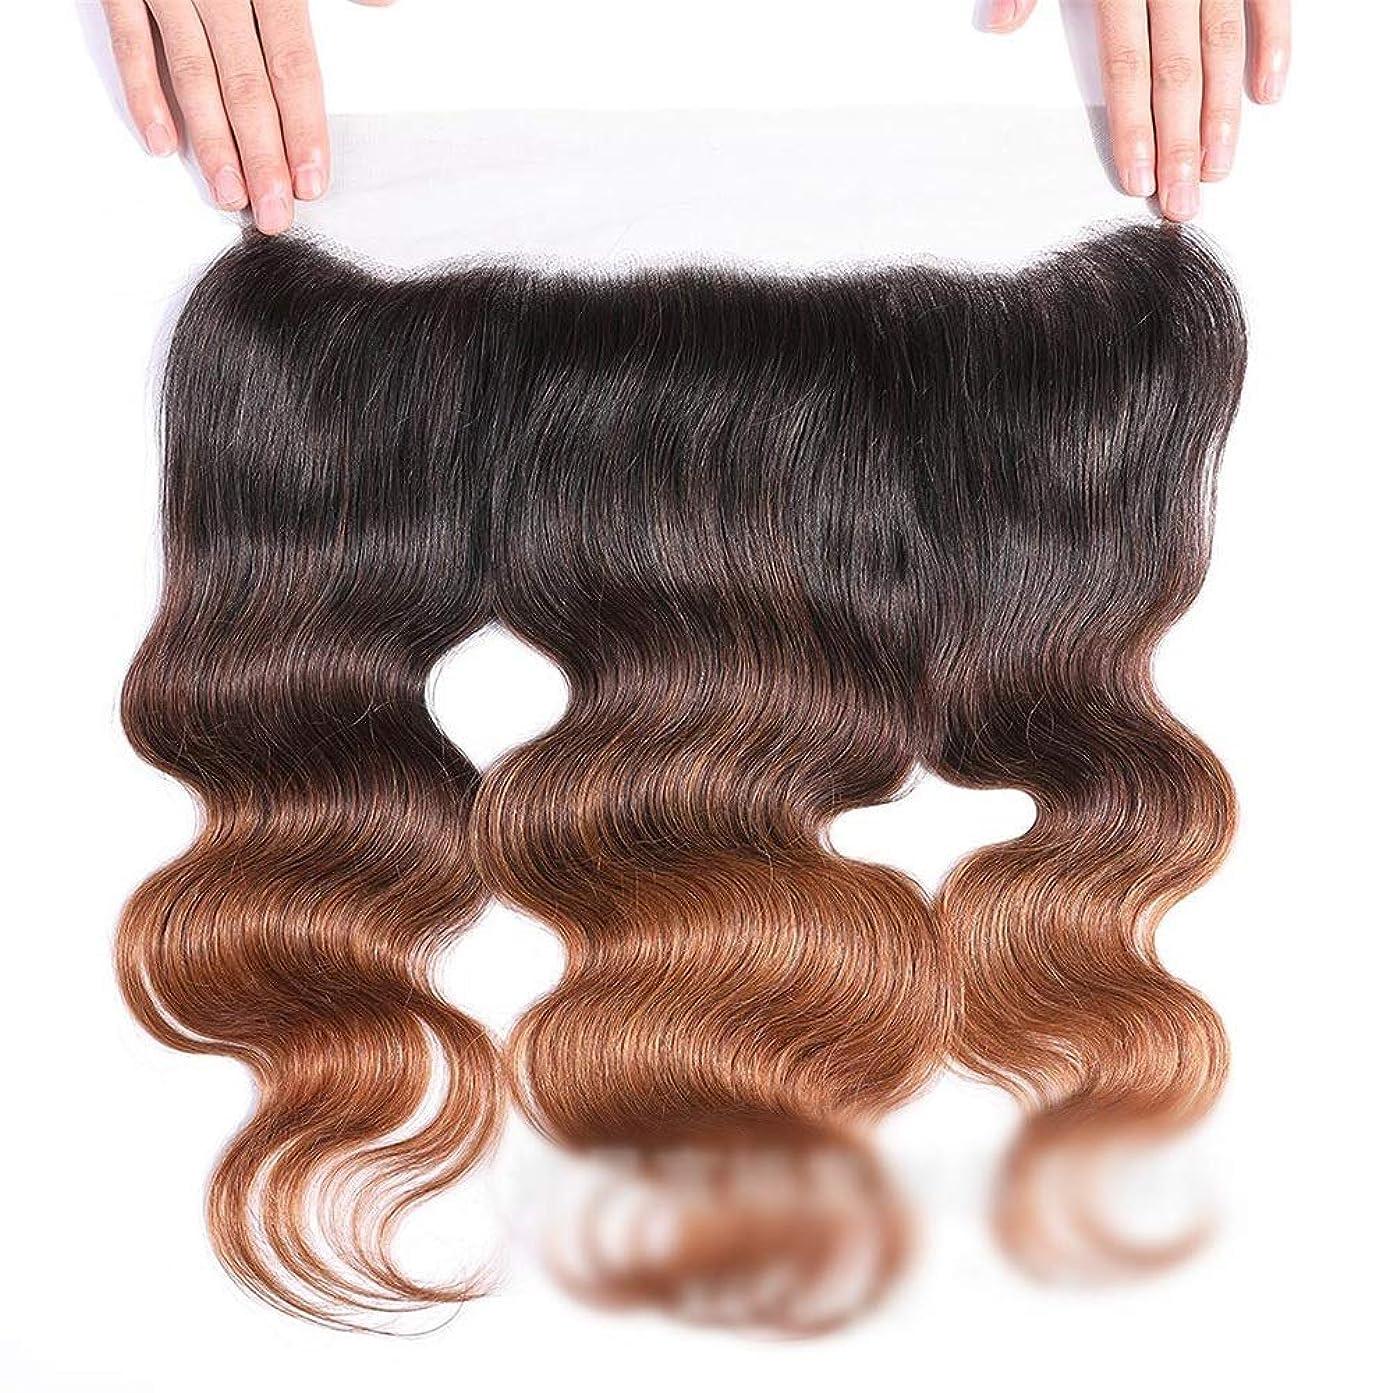 ソブリケット今までハンマーBOBIDYEE 13x4レースの閉鎖ブラジルの実体波人間の髪の毛の自由な部分ブラウンナチュラル探して茶色のかつら長い巻き毛のかつら、 (色 : ブラウン, サイズ : 14 inch)